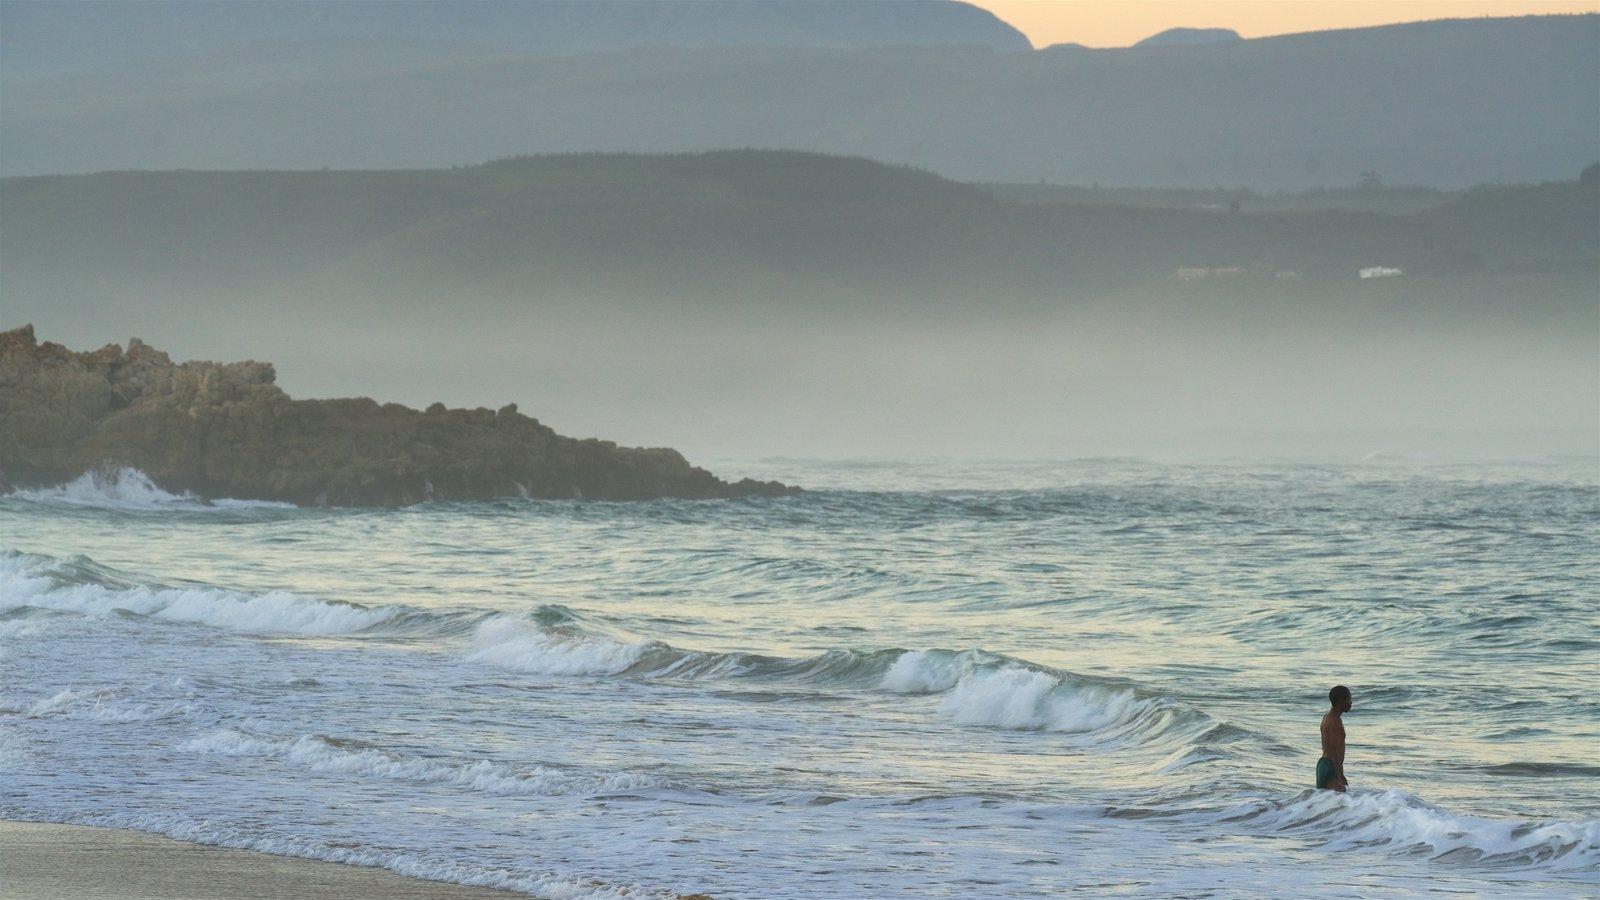 Praia da Baía Plettenberg que inclui paisagens litorâneas, litoral acidentado e ondas